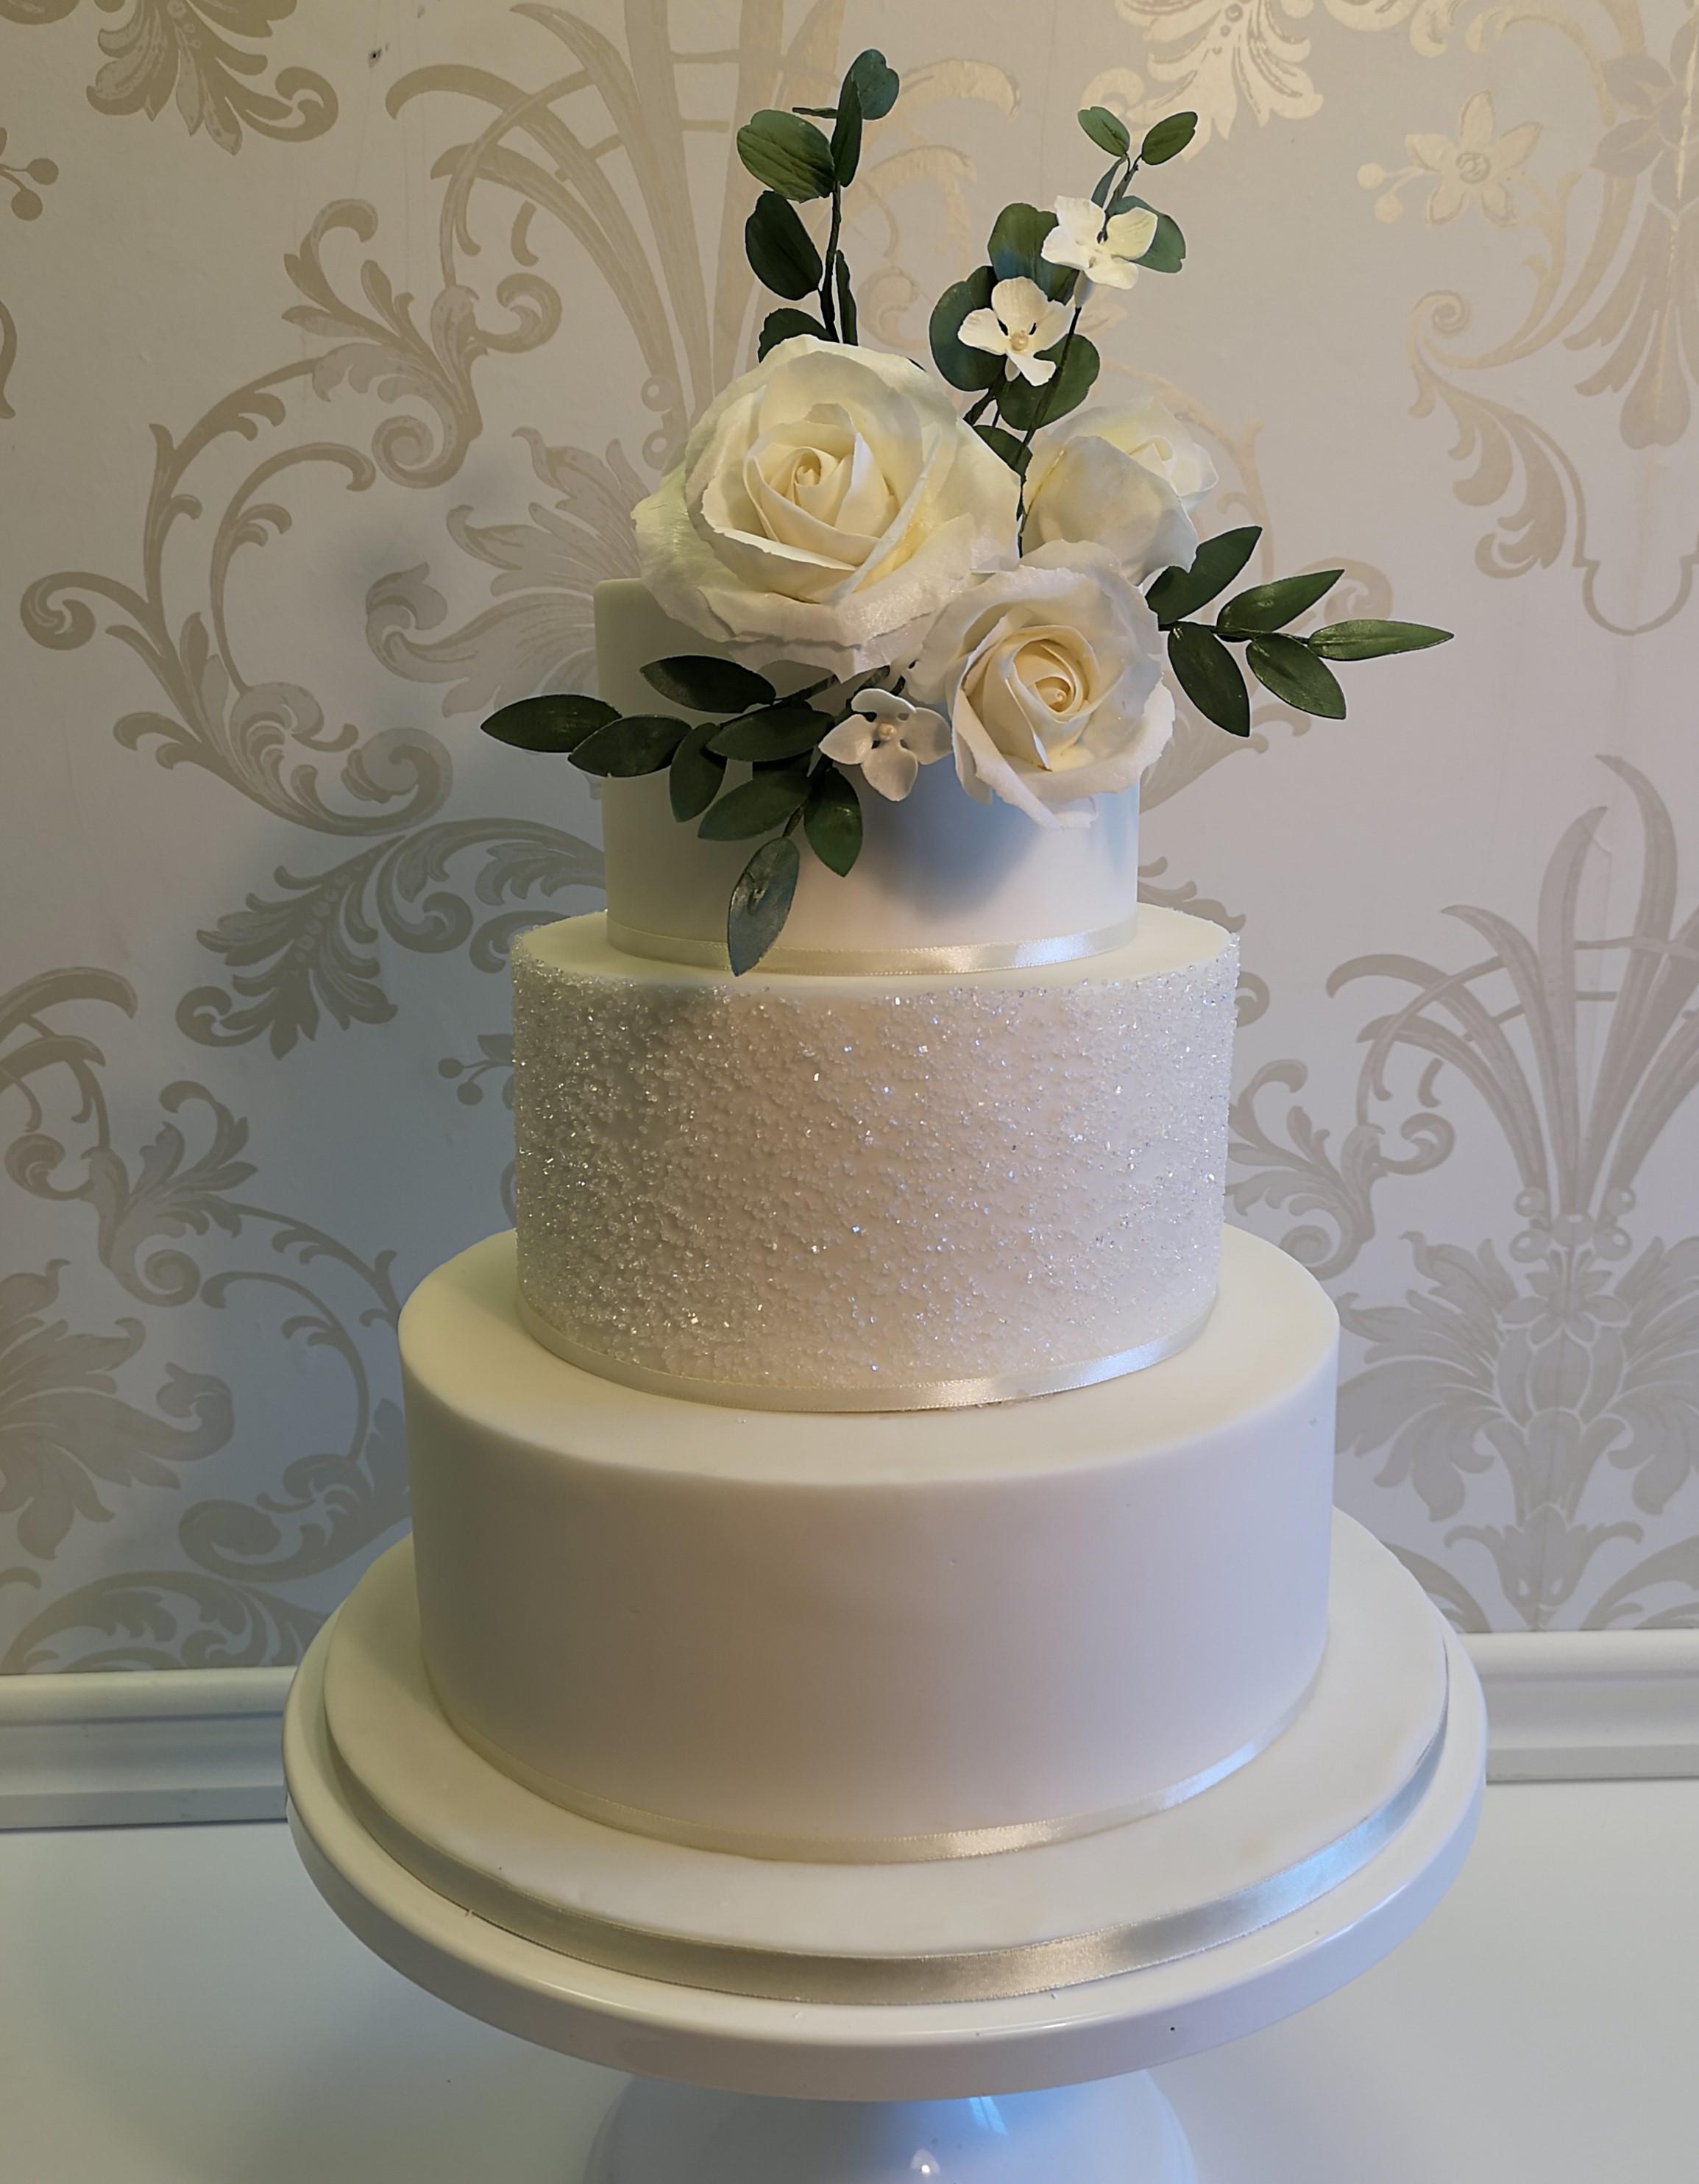 Bröllopstårta Kalmar bröllopstårta öland #bröllop #Bröllop kalmar.jpg